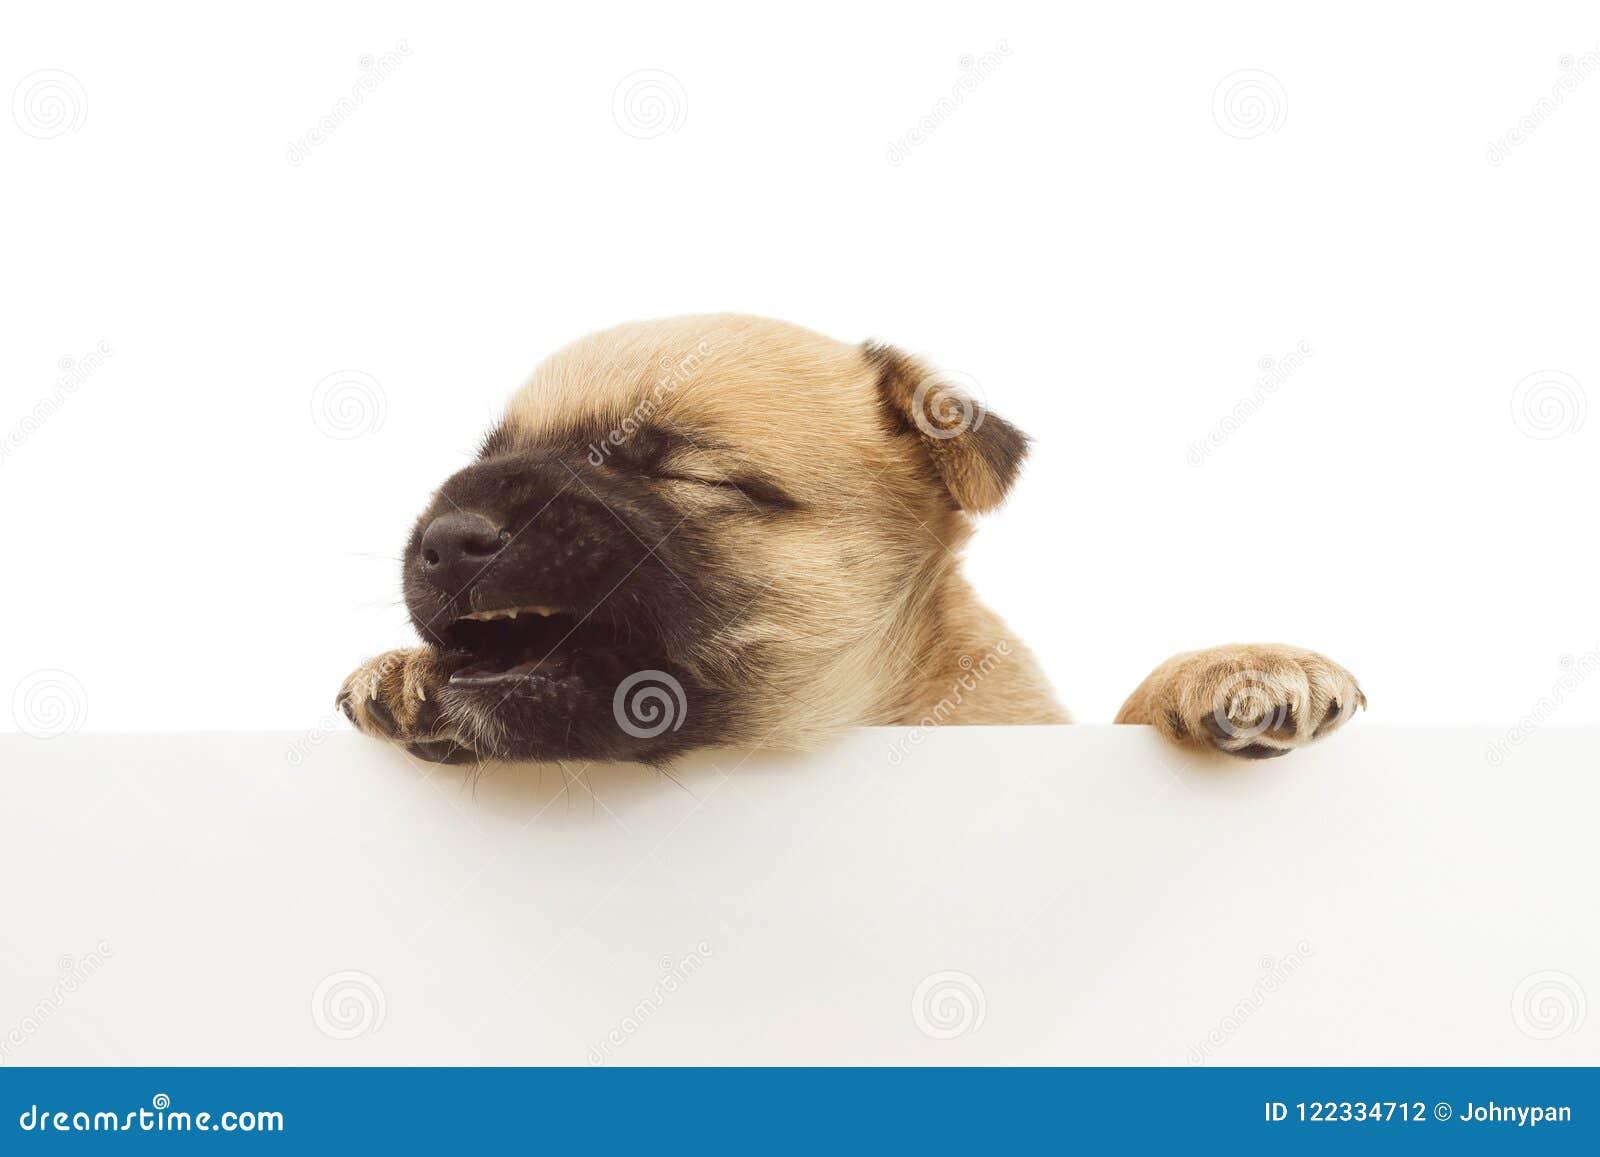 Cute Baby Dog Or Puppy Yawning Stock Photo Image Of Sleepy